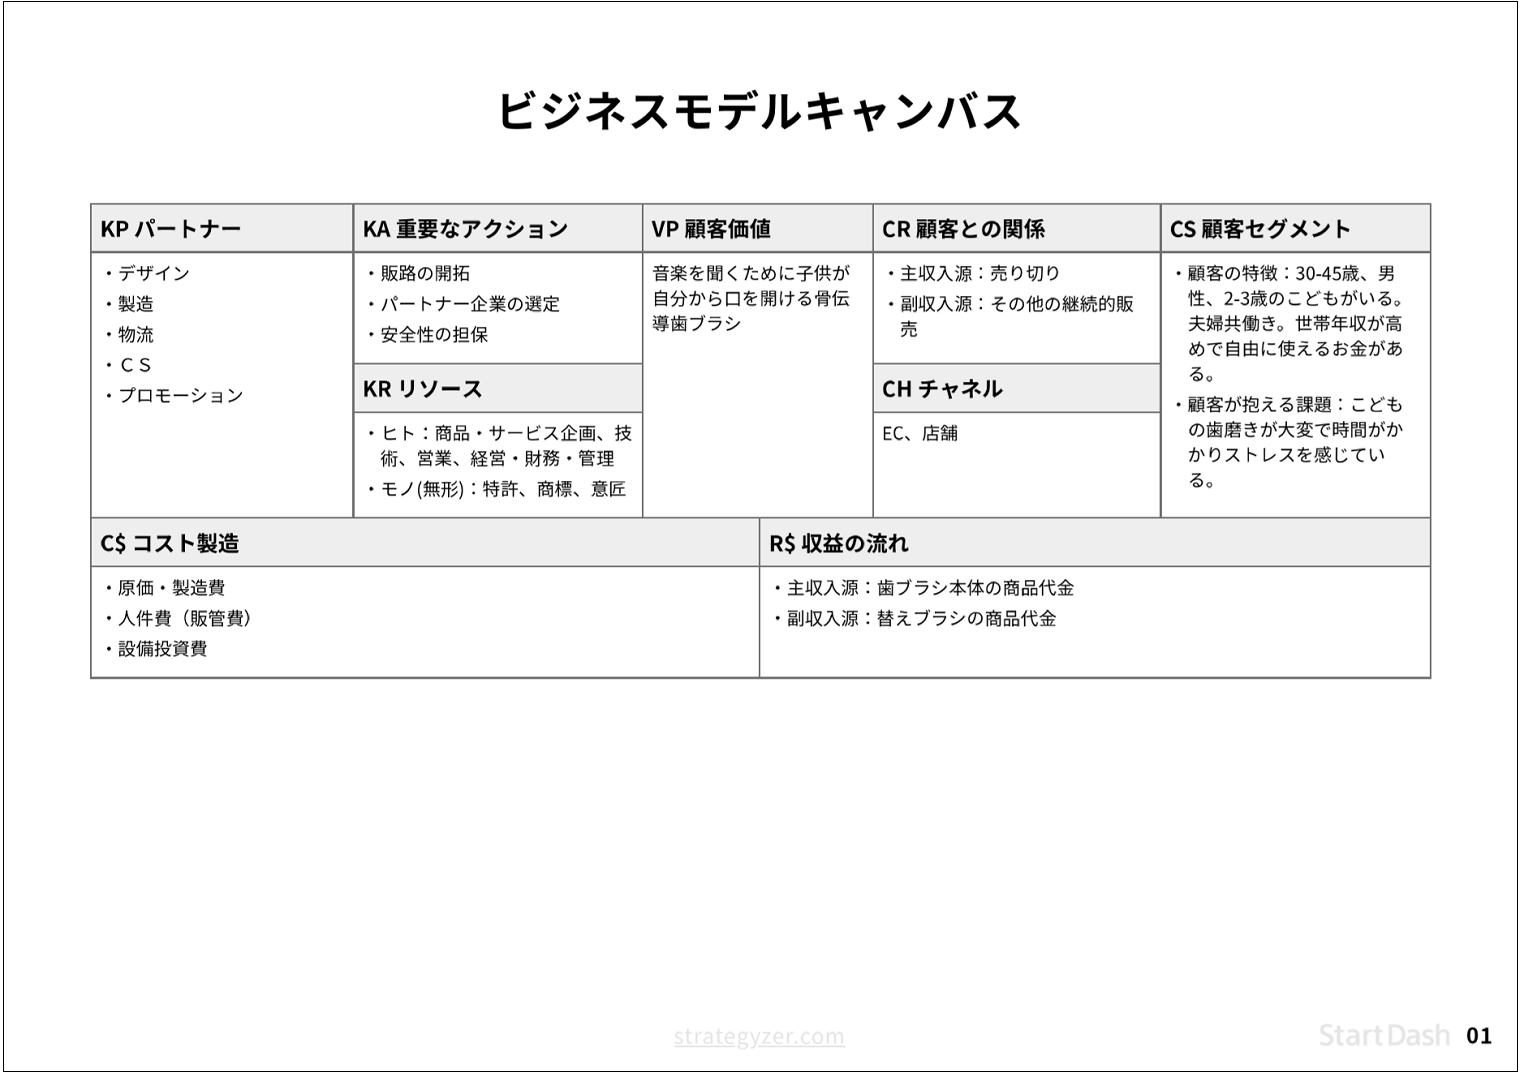 検討時にStartDashで作成したビジネスモデルキャンバスの例